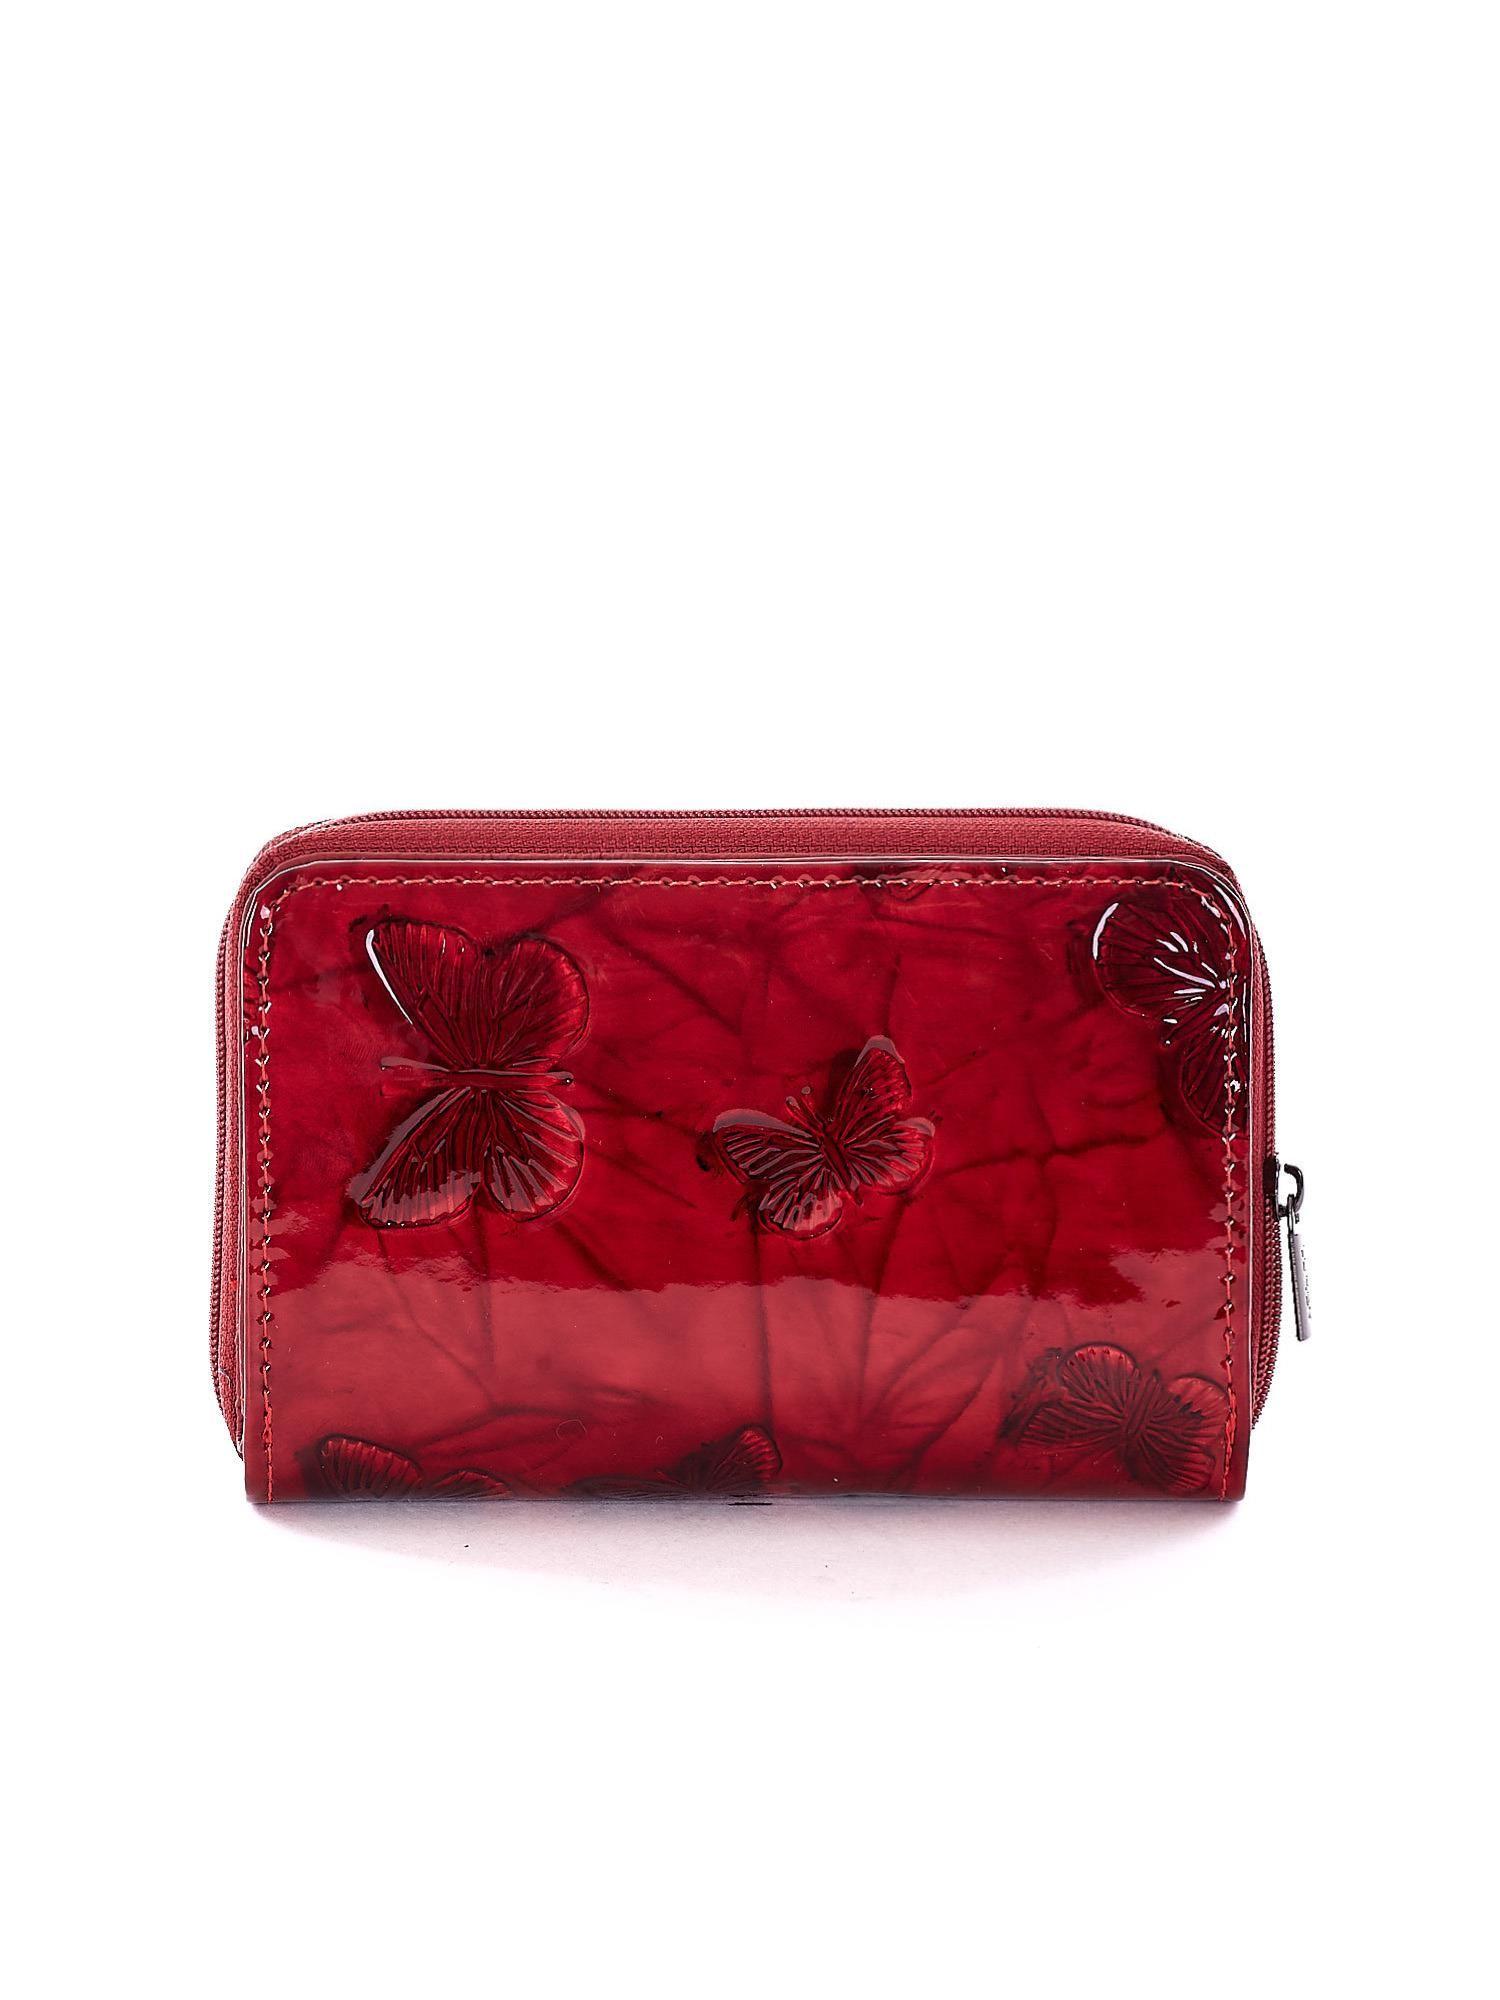 76194b1ea0c94 Czerwony lakierowany portfel w tłoczone motyle - Akcesoria portfele - sklep  eButik.pl